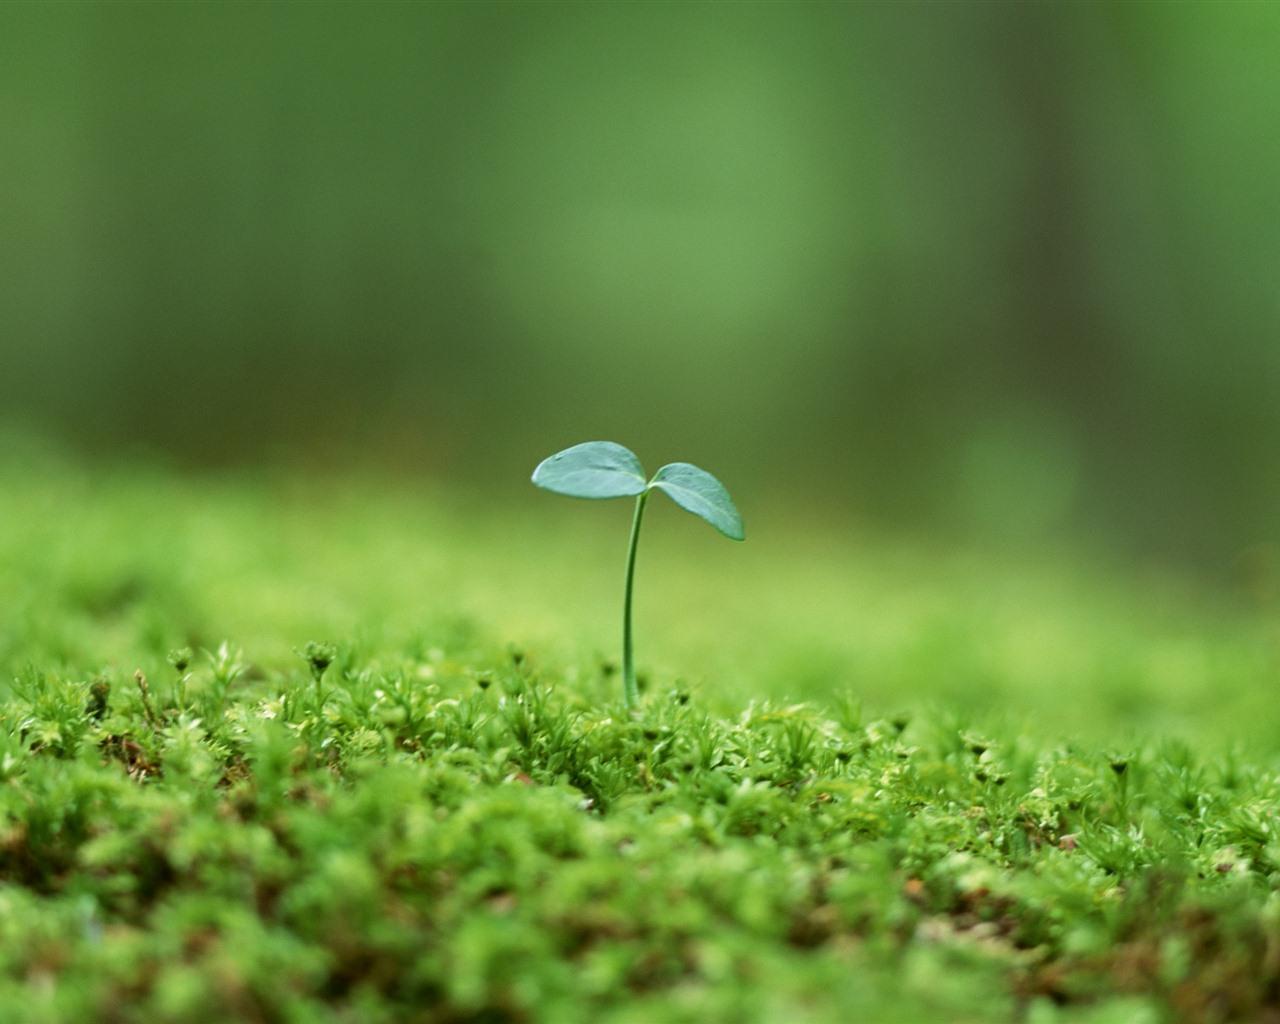 新鮮な緑の芽がクローズアップ壁...